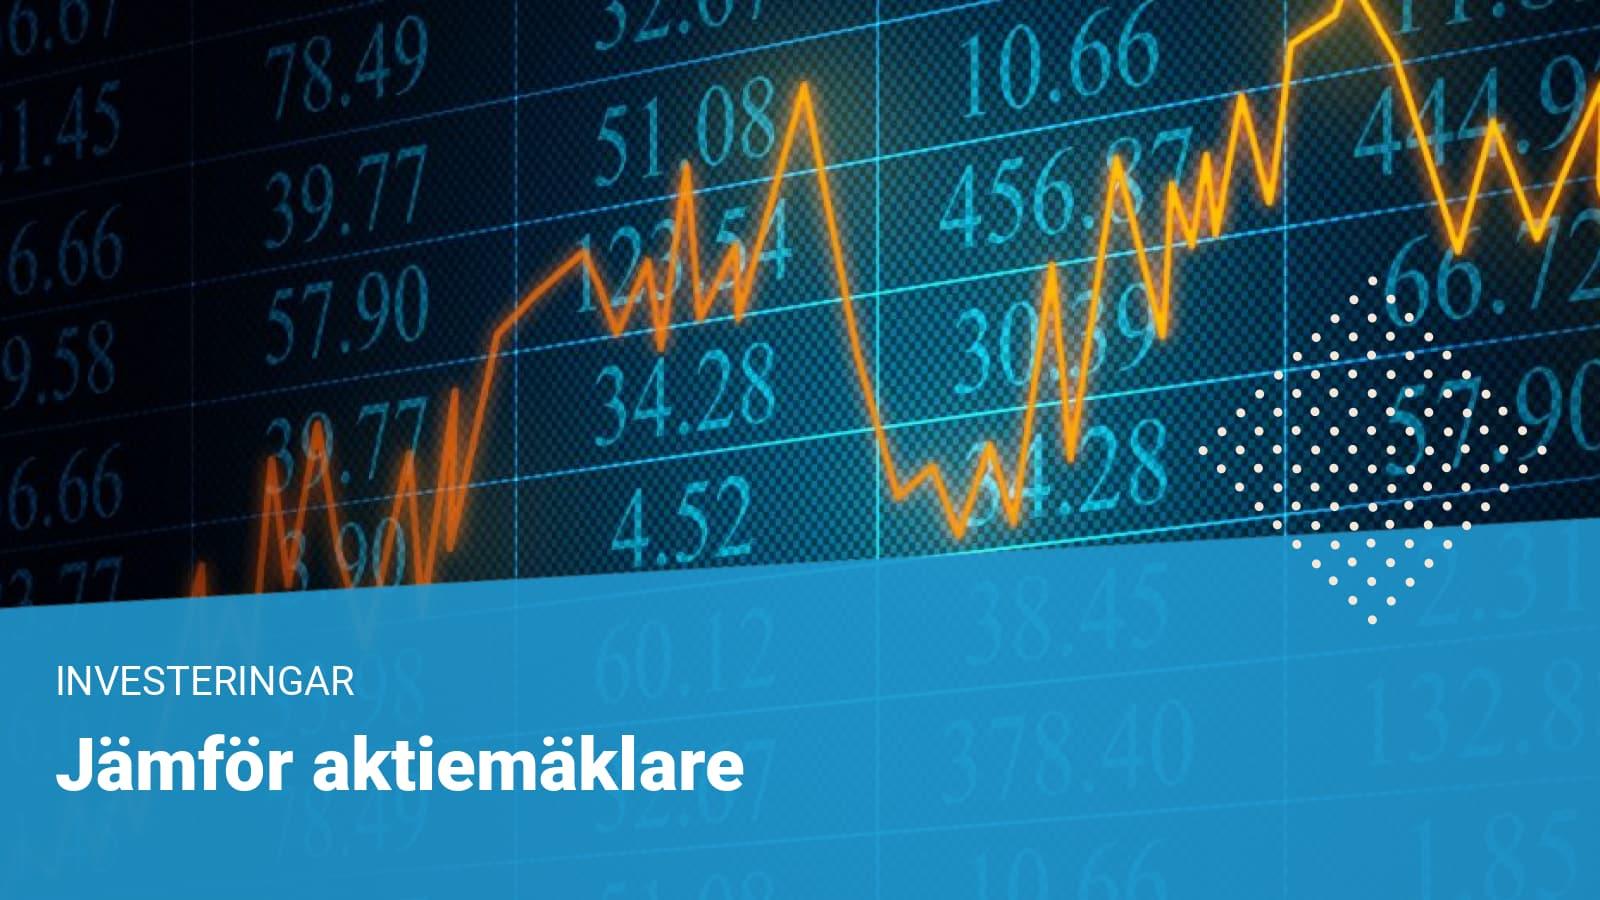 graf på aktiehandel